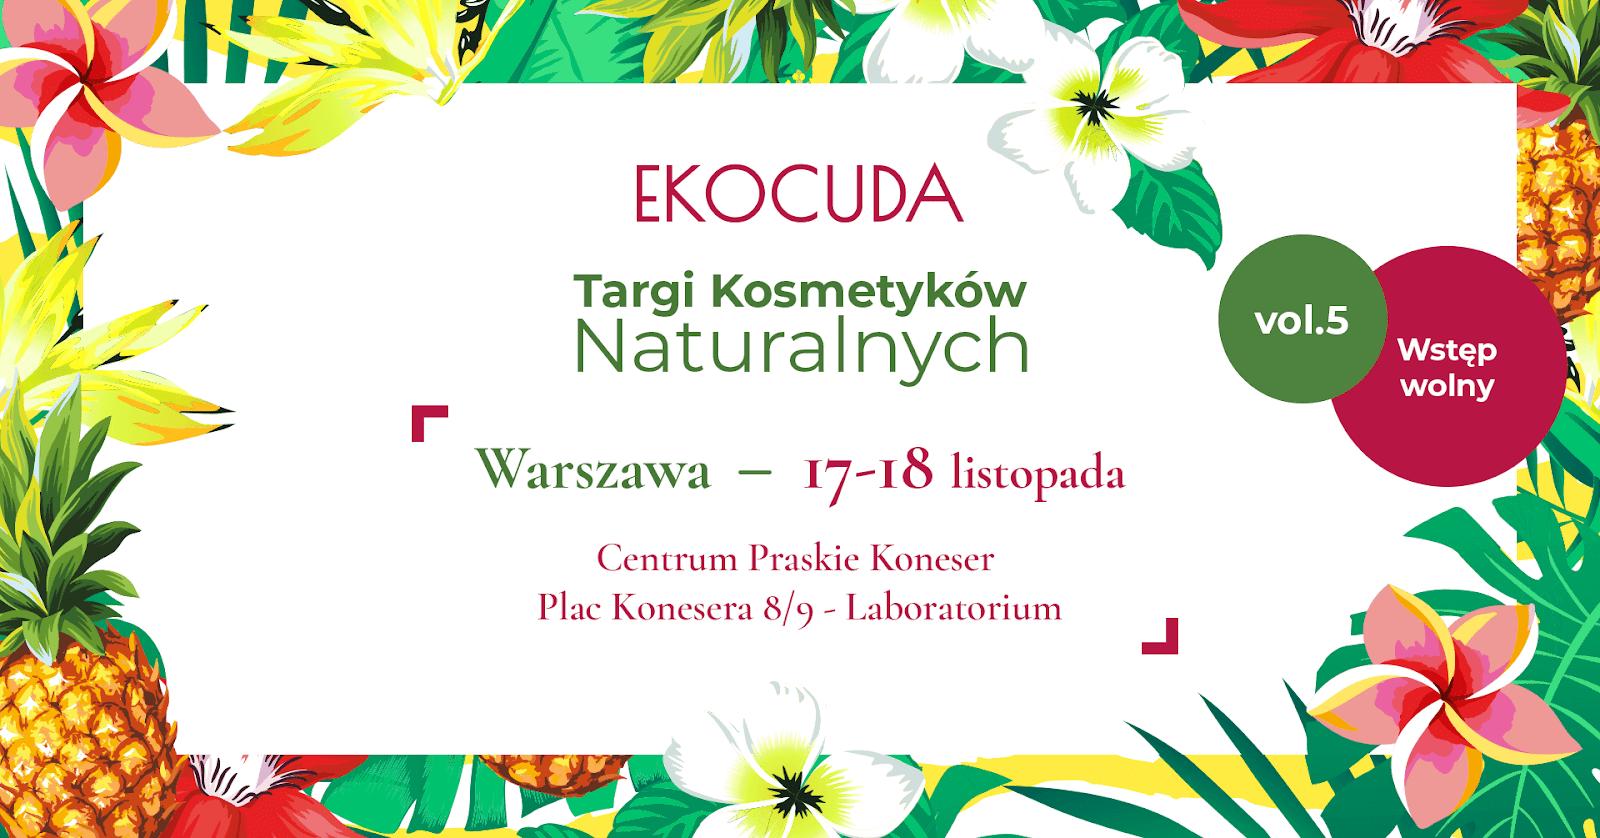 Targi Kosmetyków Naturalnych EkoCuda 2018